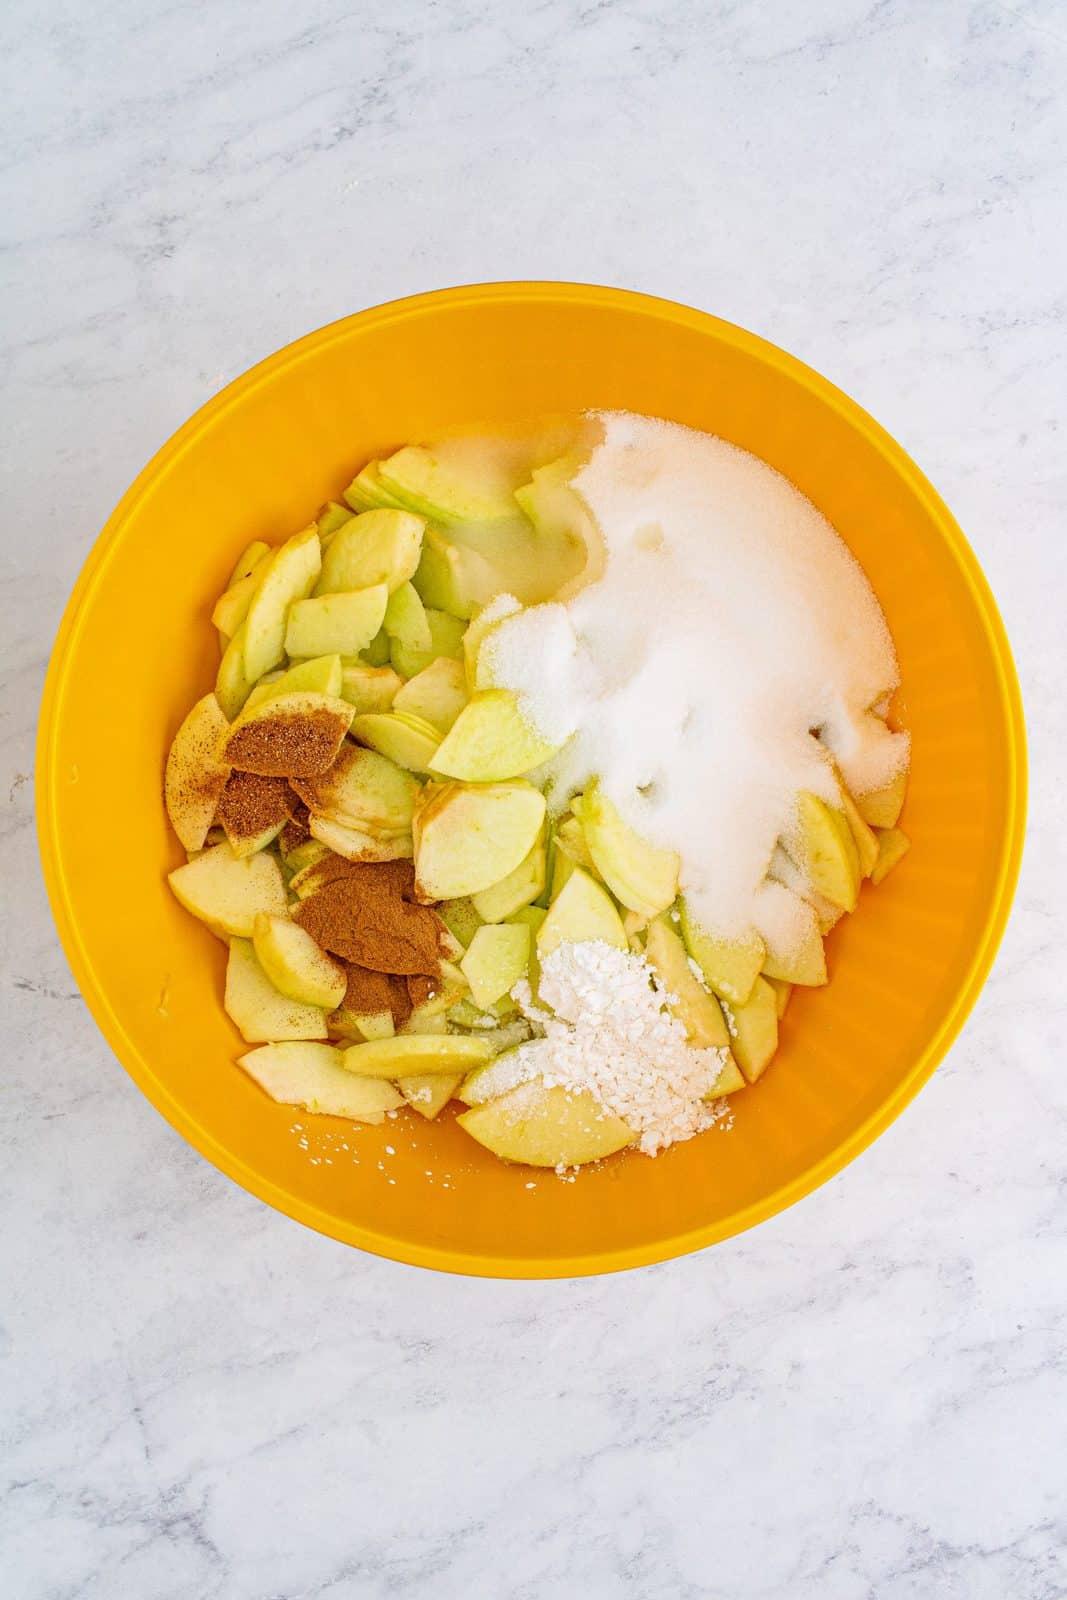 Apples, sugar, cornstarch, lemon juice, cinnamon, nutmeg, and salt added to bowl.